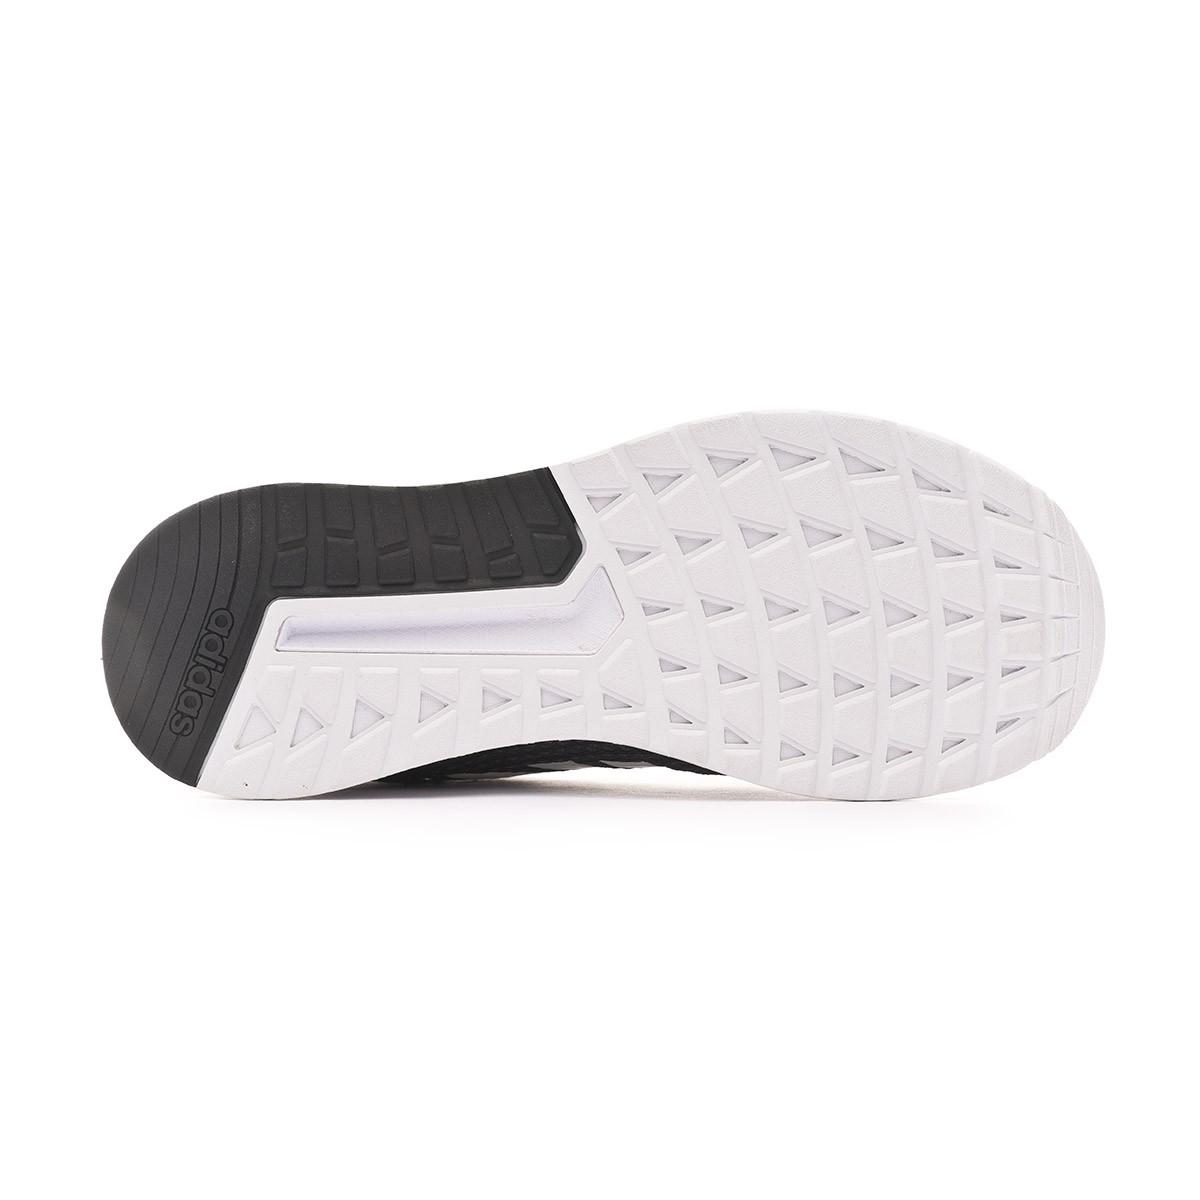 sports shoes b909e f3e6d Zapatilla Questar Ride Core black-White-Grey six